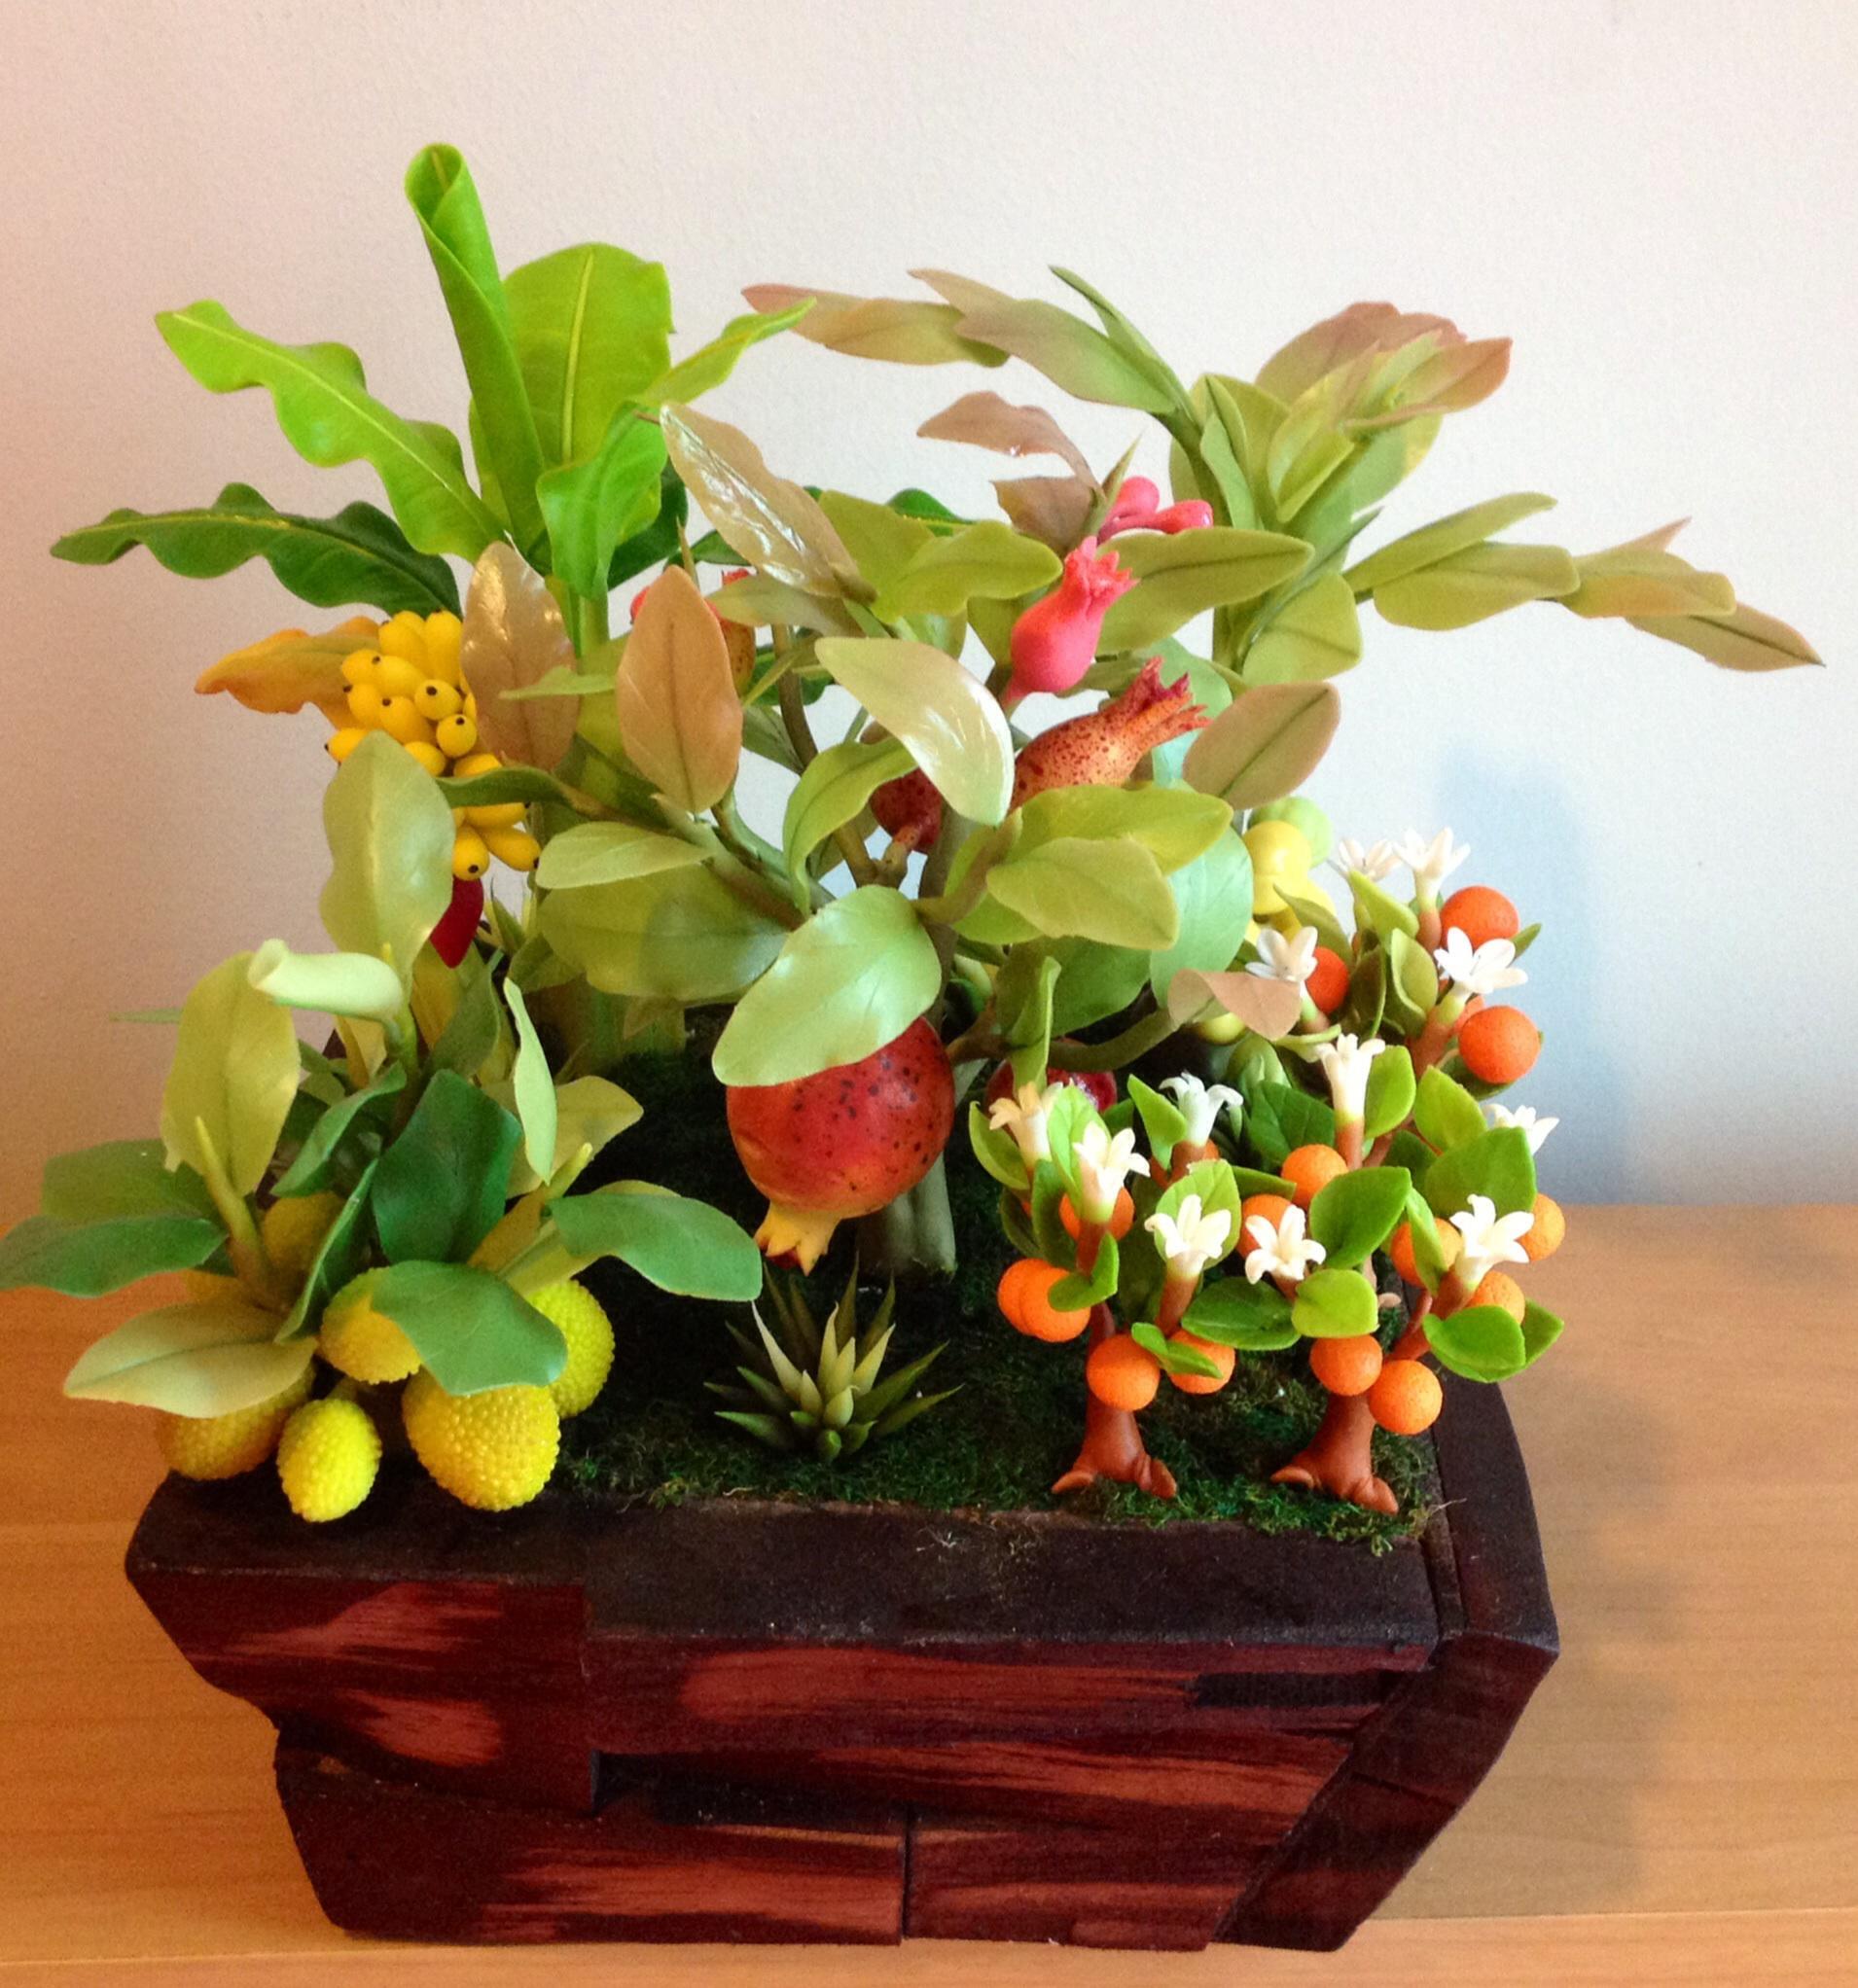 C017-สวนต้นไม้มงคล ทับทิม มะยม ส้ม กล้วย ขนุน_ไซร์ 3-6 นิ้ว